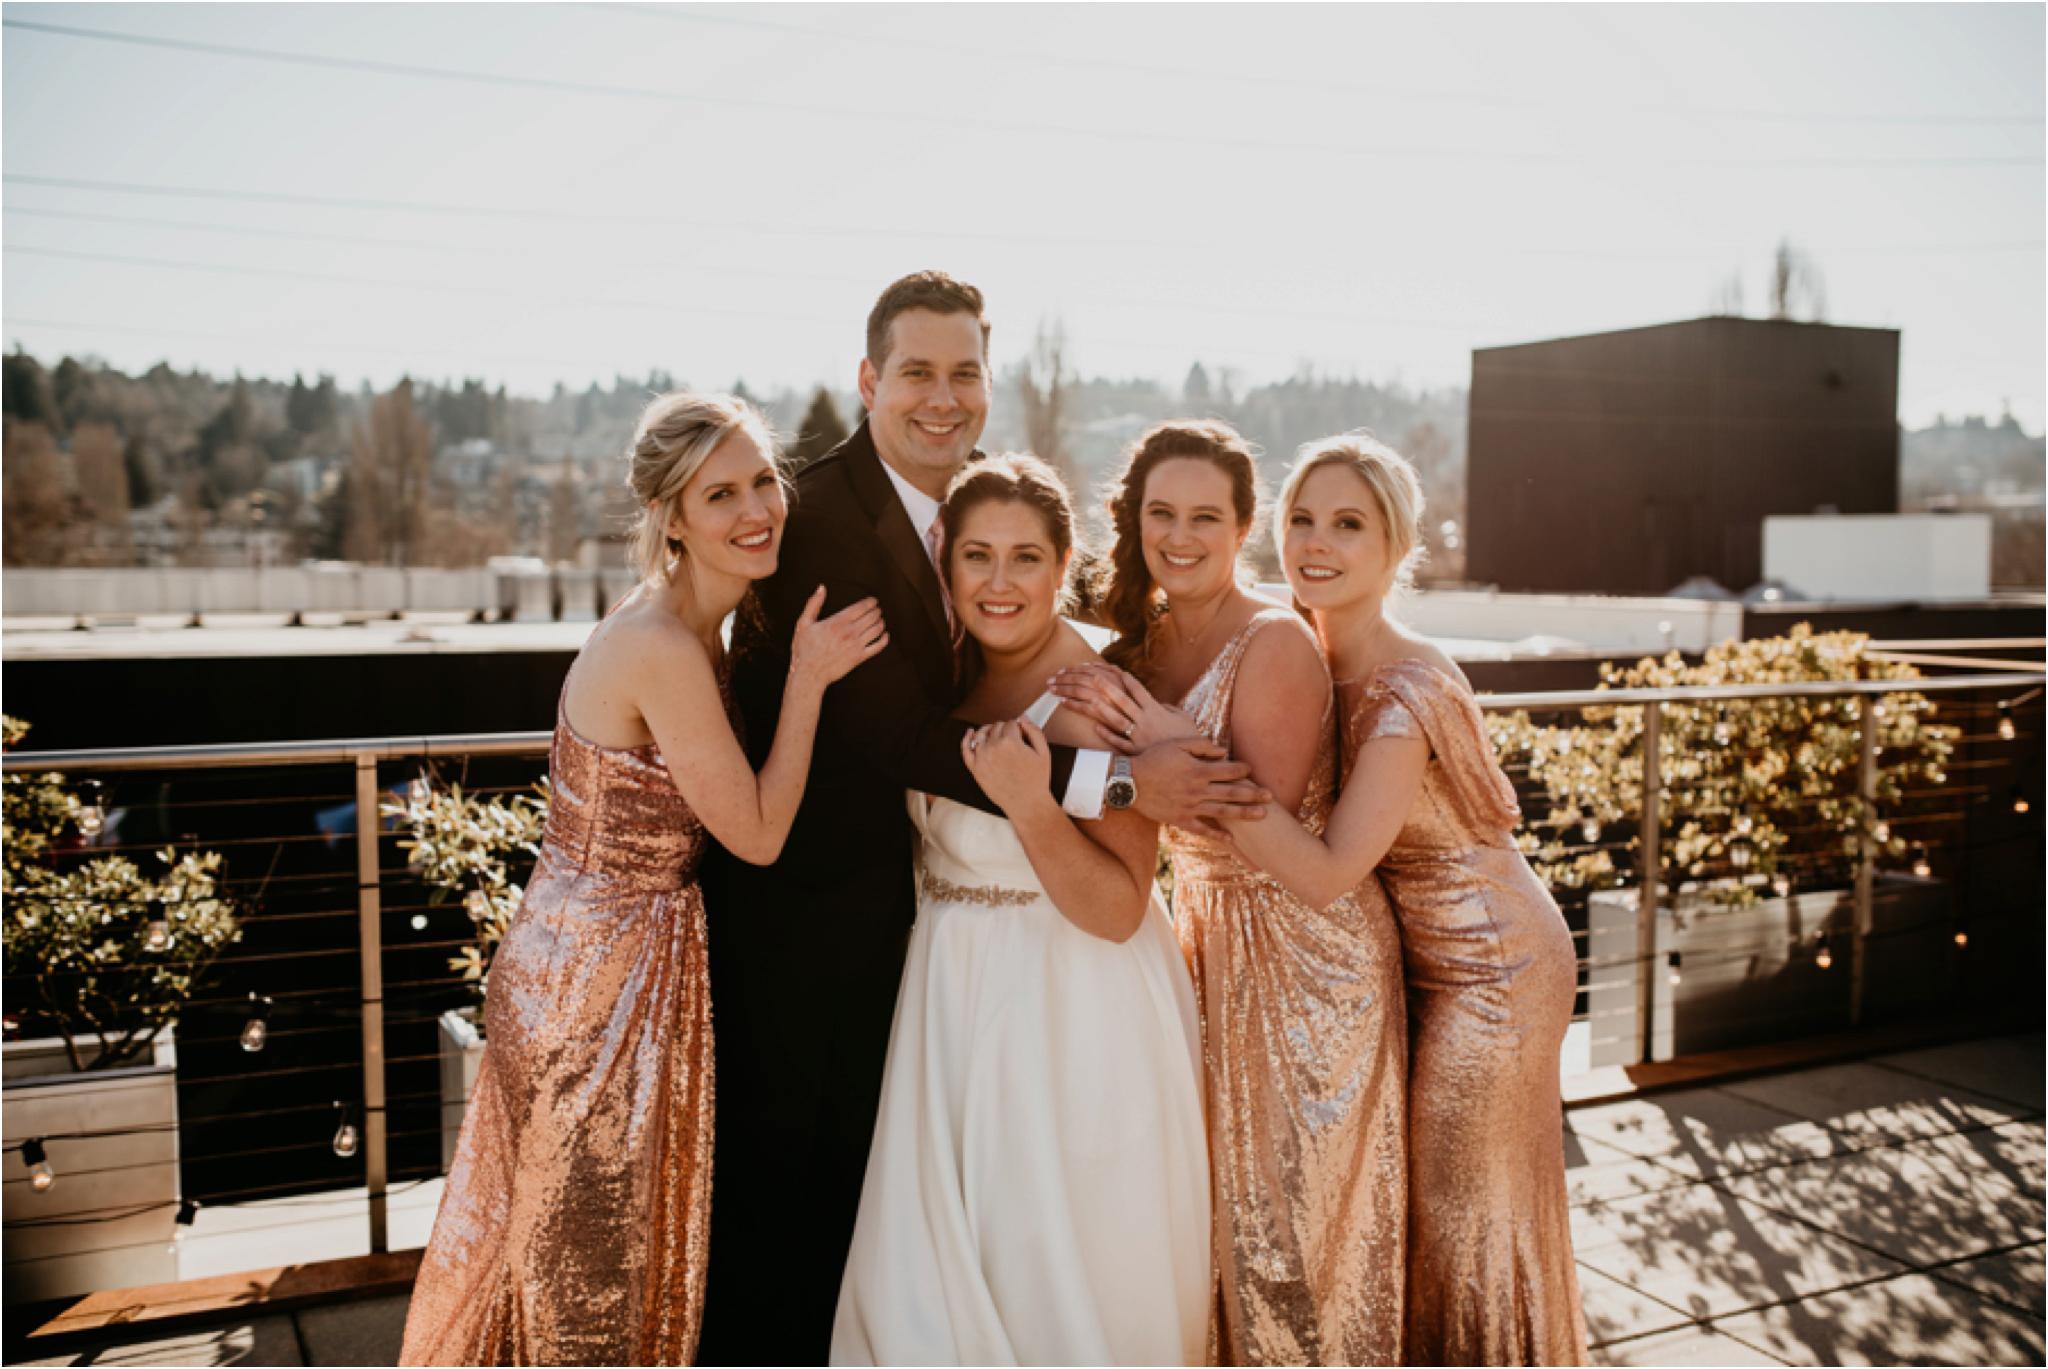 ashley-and-david-fremont-foundry-seattle-washington-wedding-photographer-044.jpg